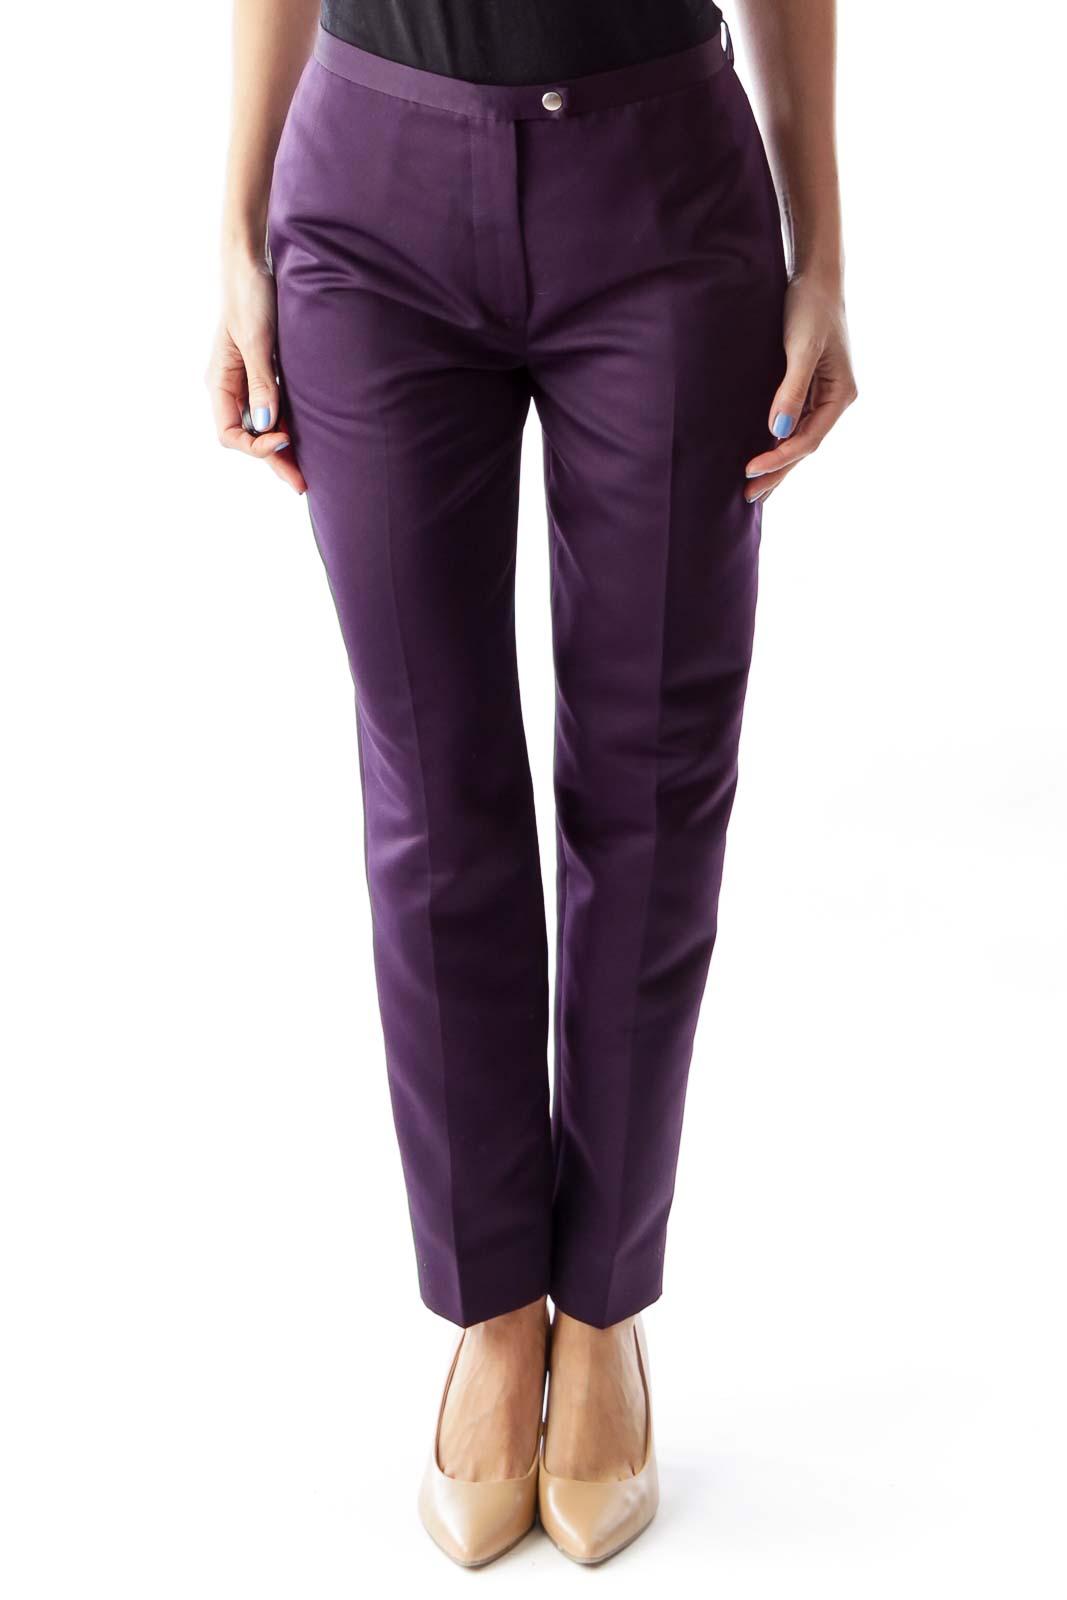 Purple Straight Pants